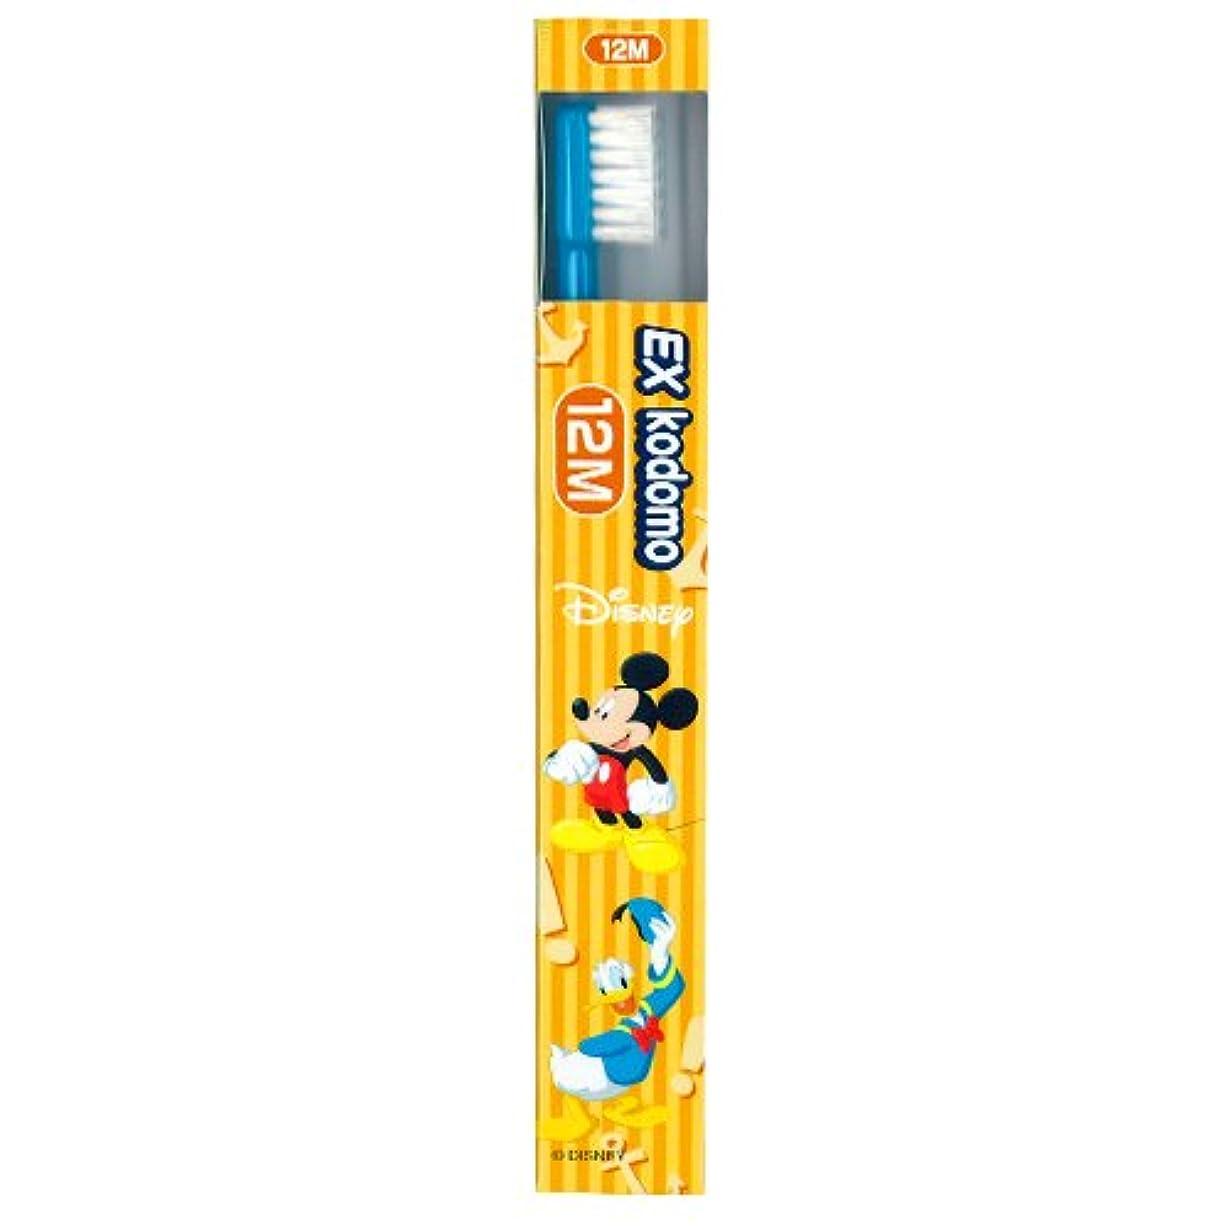 ラリー作り上げる超音速ライオン EX kodomo ディズニー 歯ブラシ 1本 12M ブルー